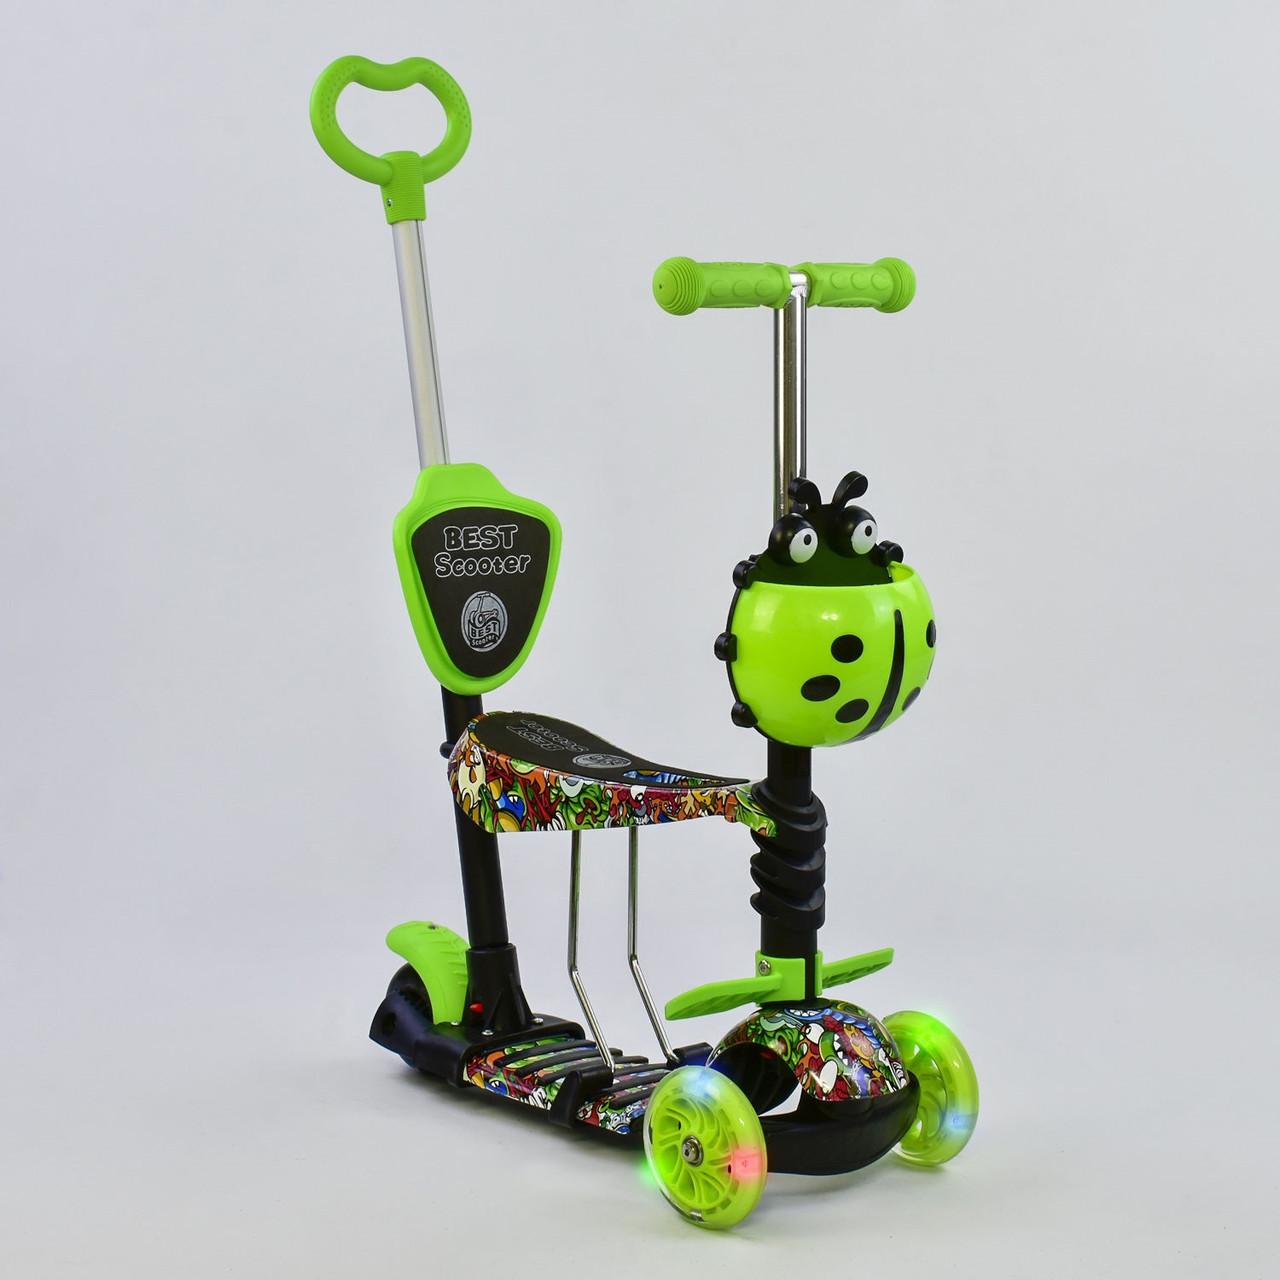 """Самокат Best Scooter 5 в 1 """"Абстракция"""" 97630 подсветка колес"""